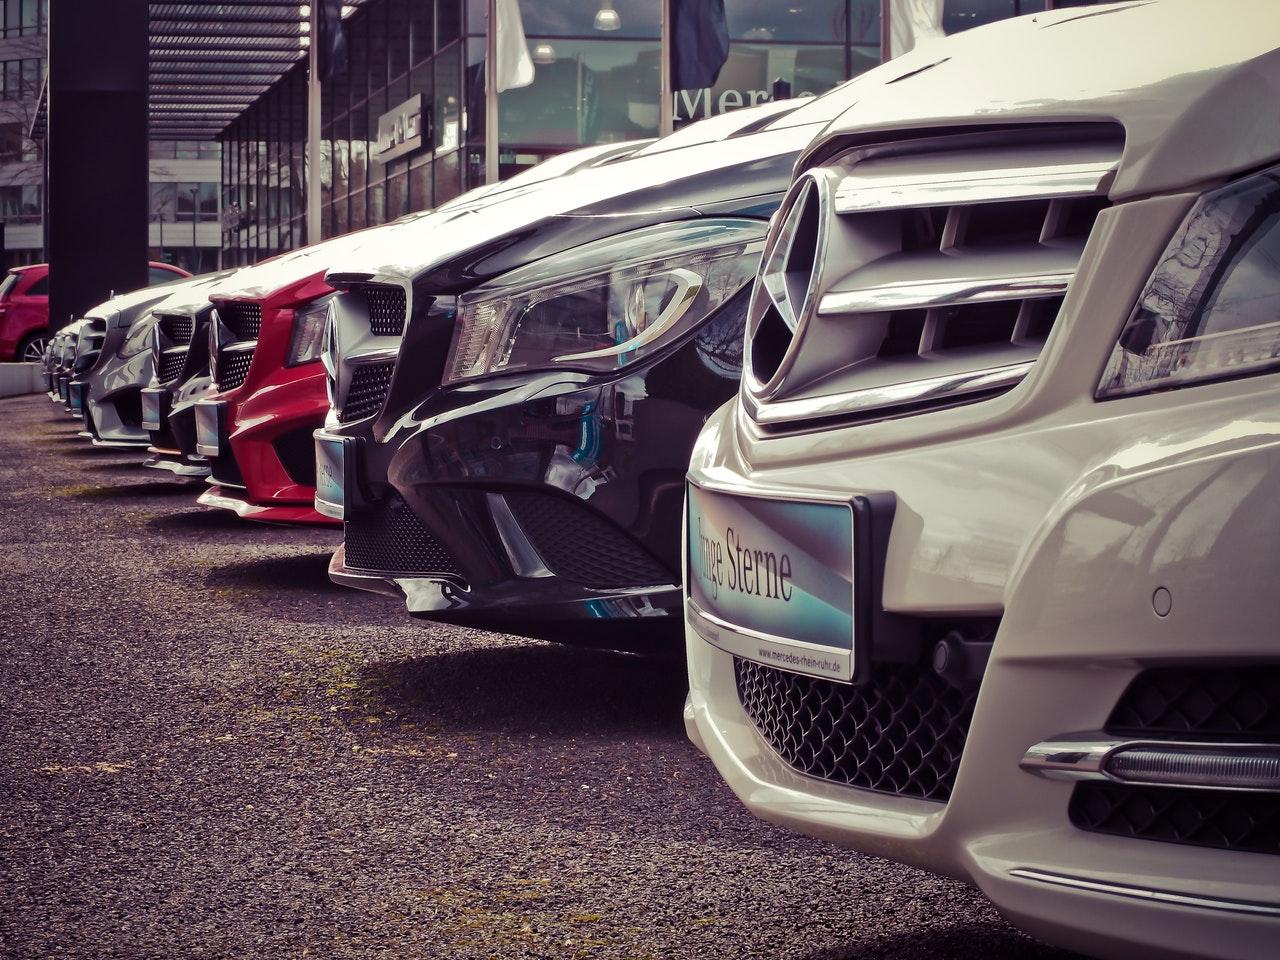 Tweedehands auto kopen of kiezen voor private lease?